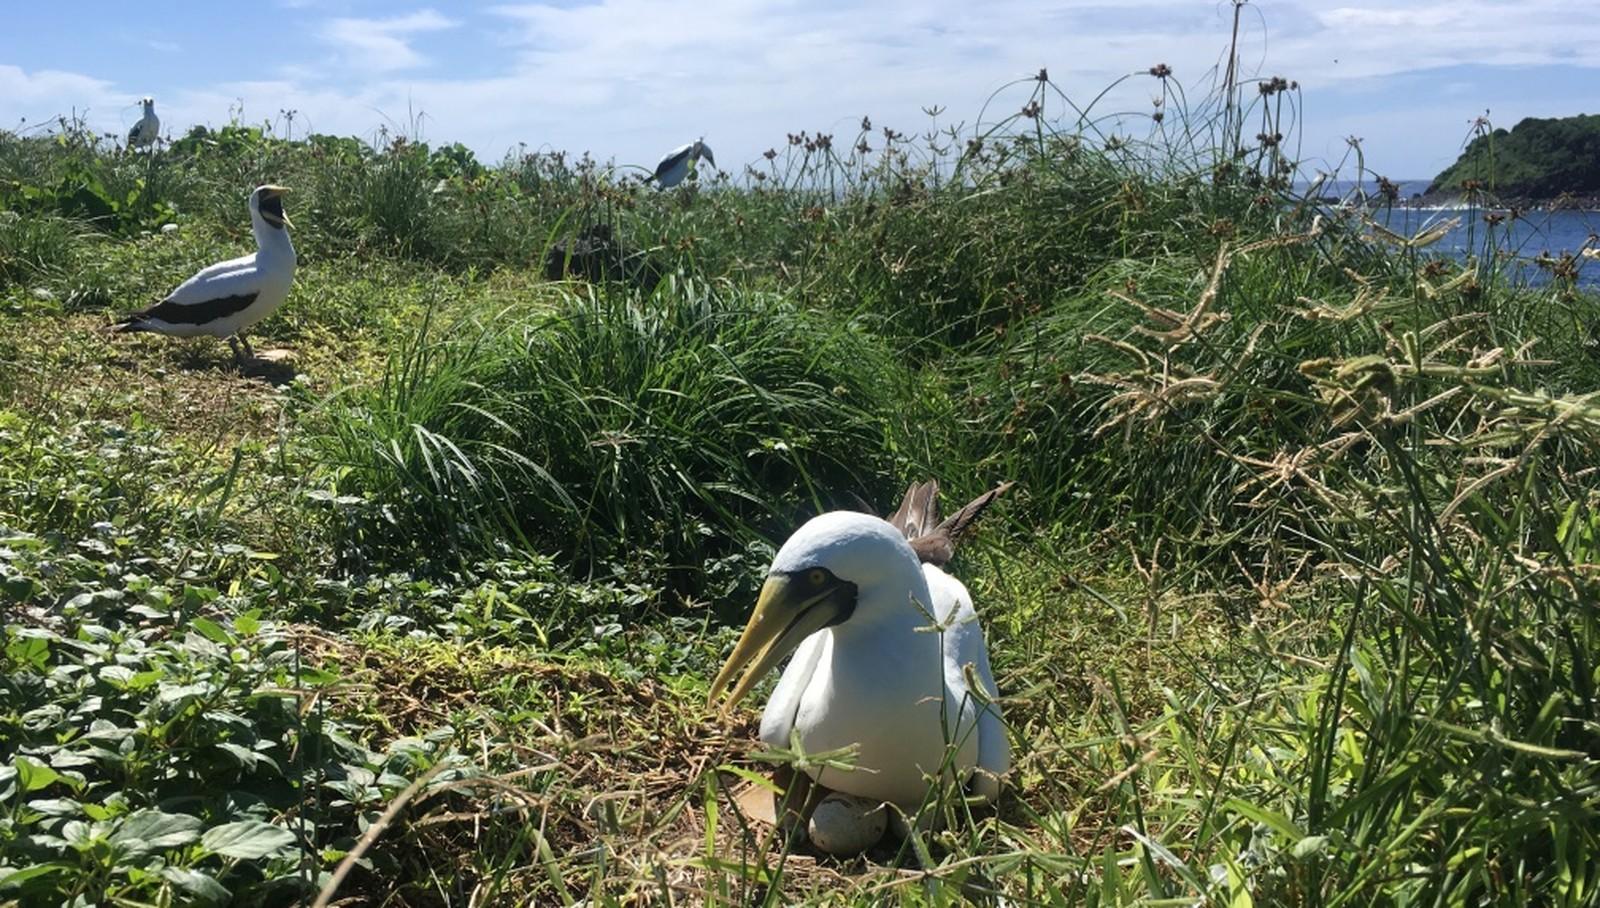 Pesquisa constata redução no número de ninhos de aves marinhas em Fernando de Noronha